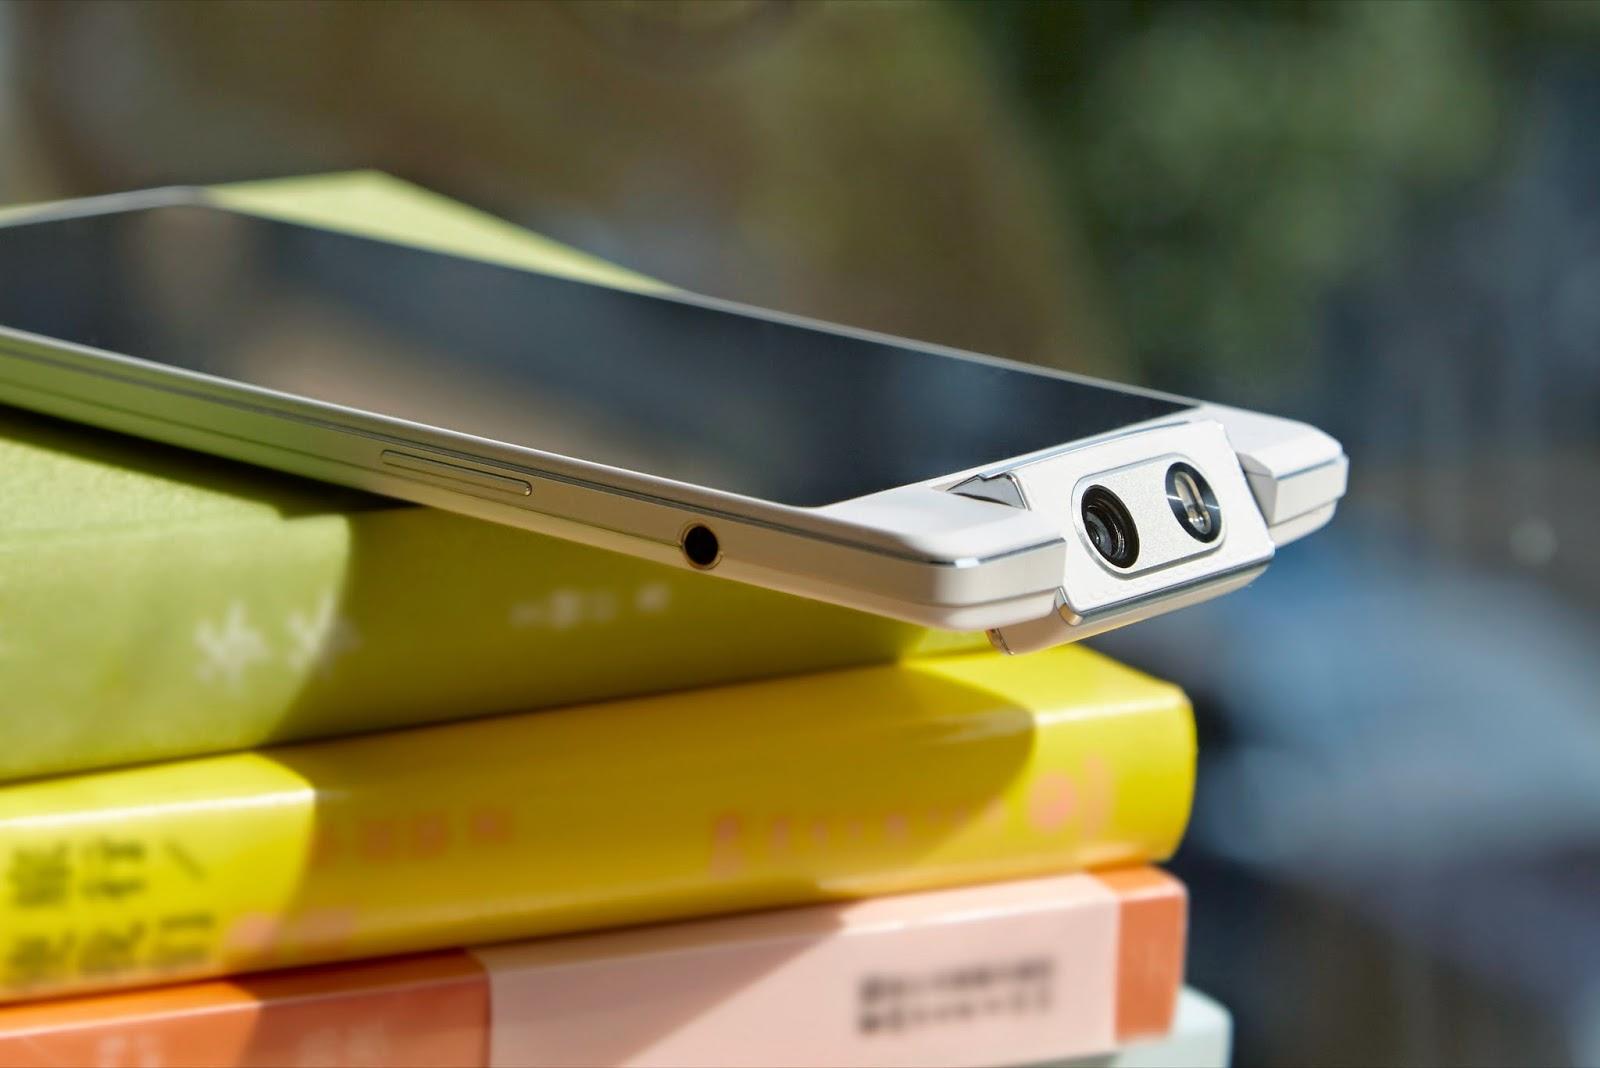 Oppo N3 has a motorized swivel camera